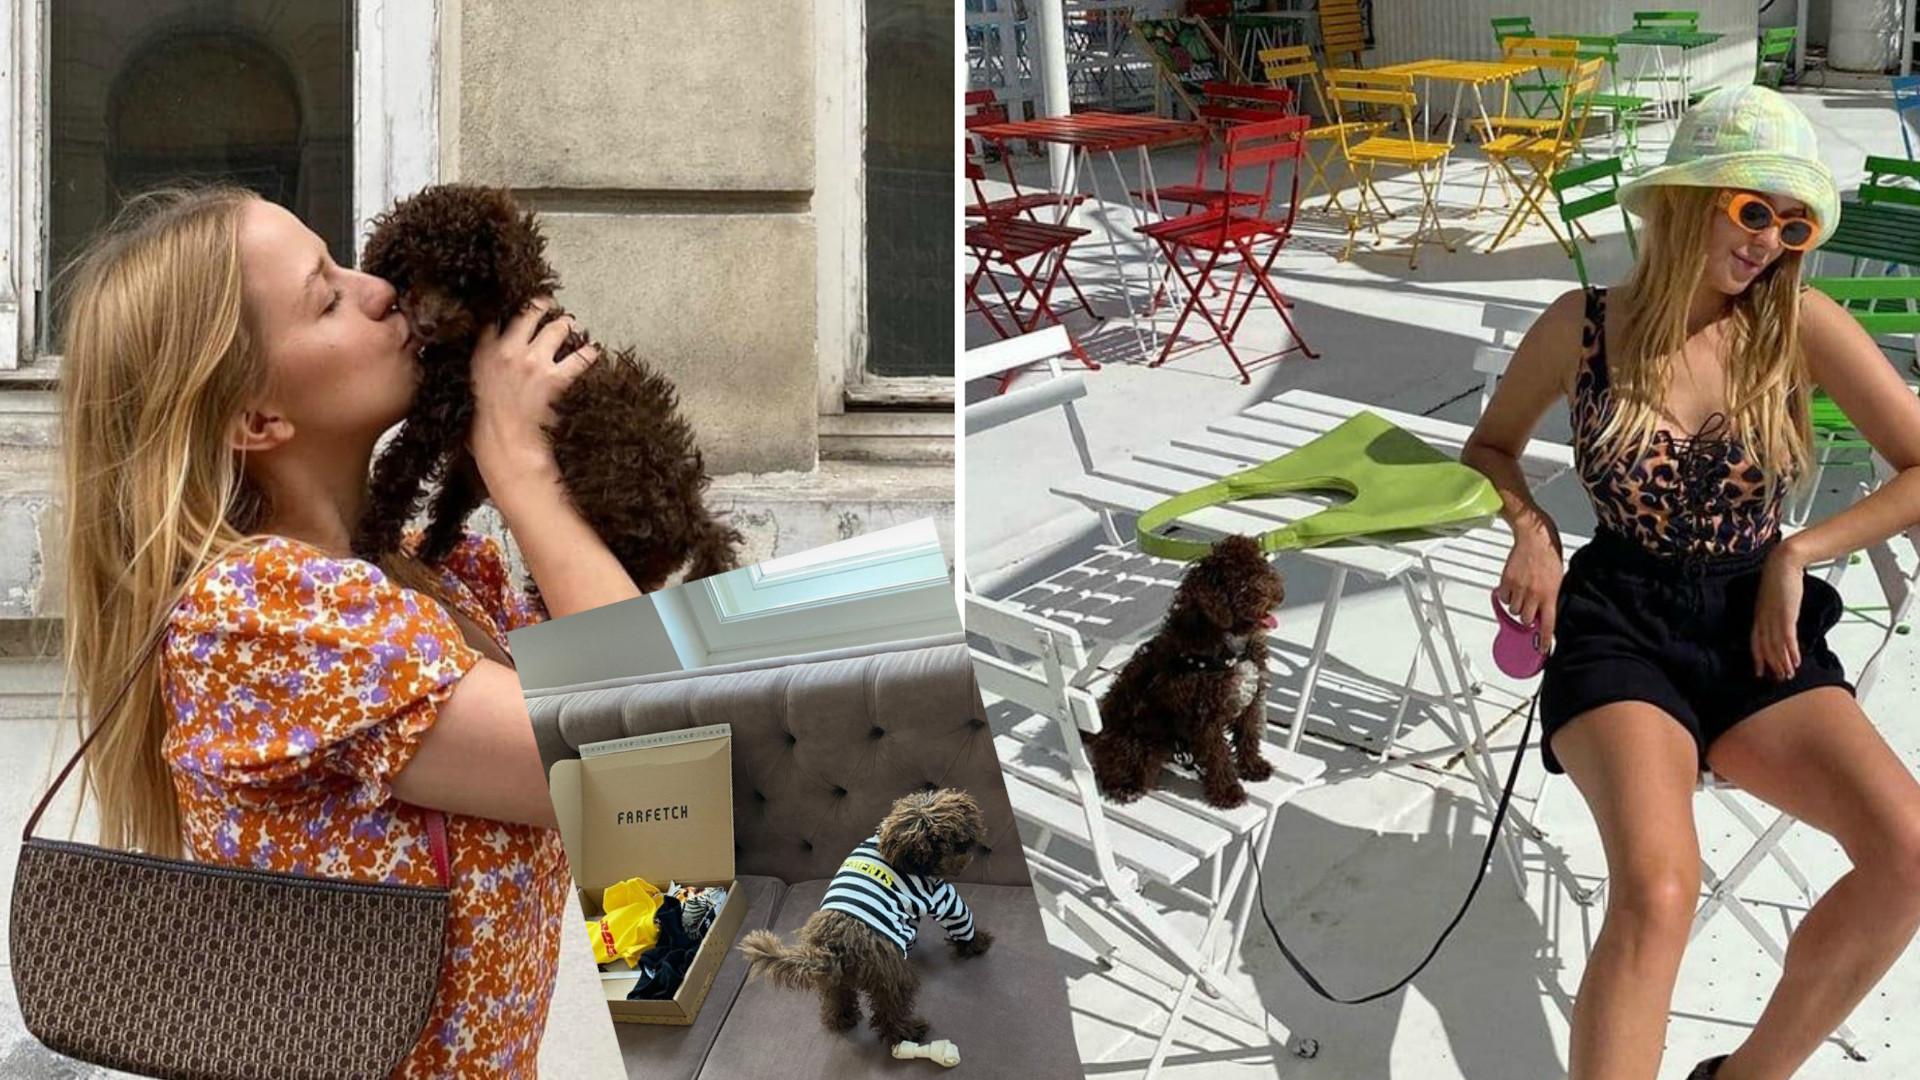 Jessica Mercedes kupiła psu MARKOWE ubrania. Ceny zwalają z nóg